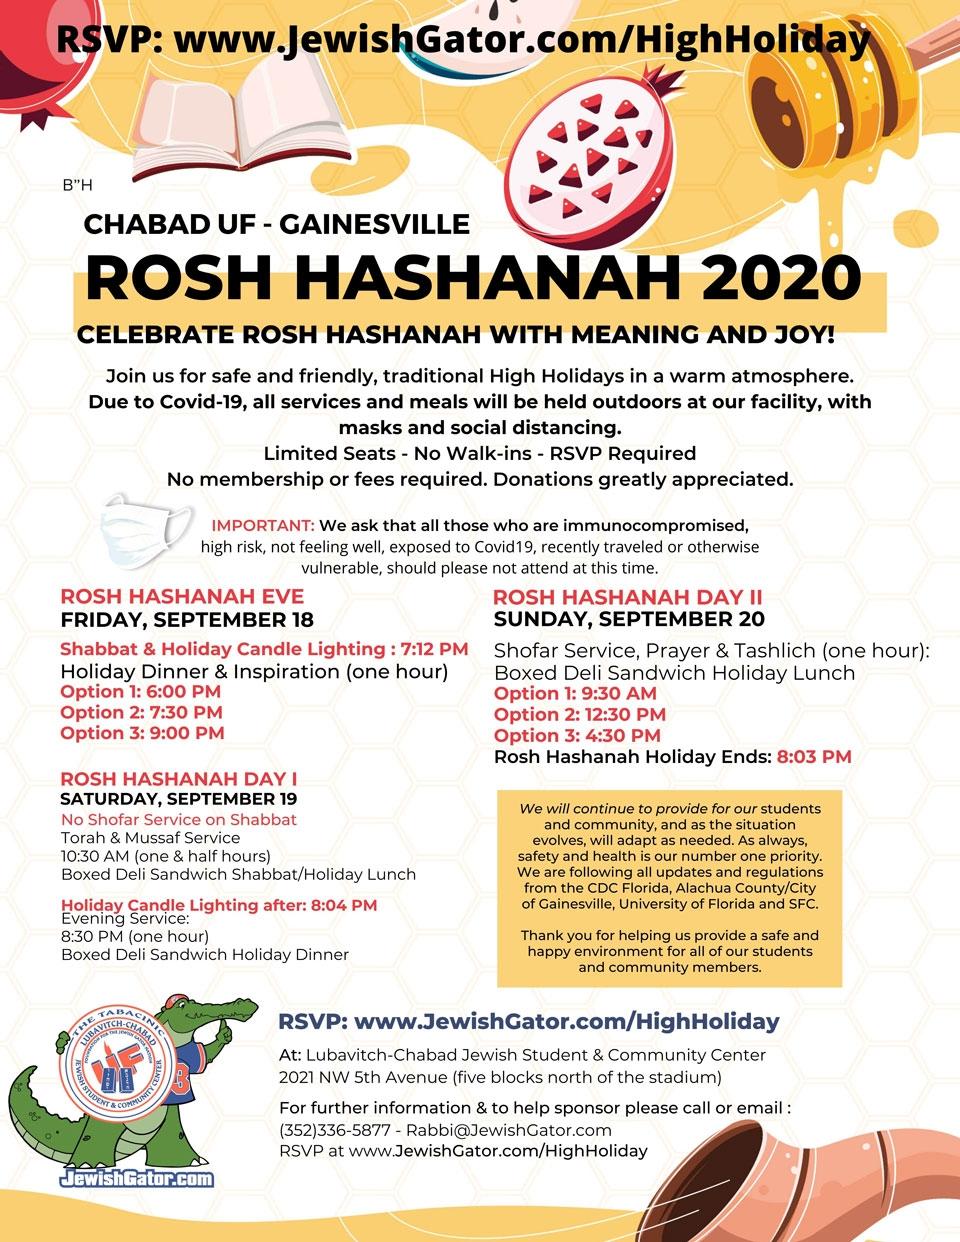 Rosh-Hashanah Schedule